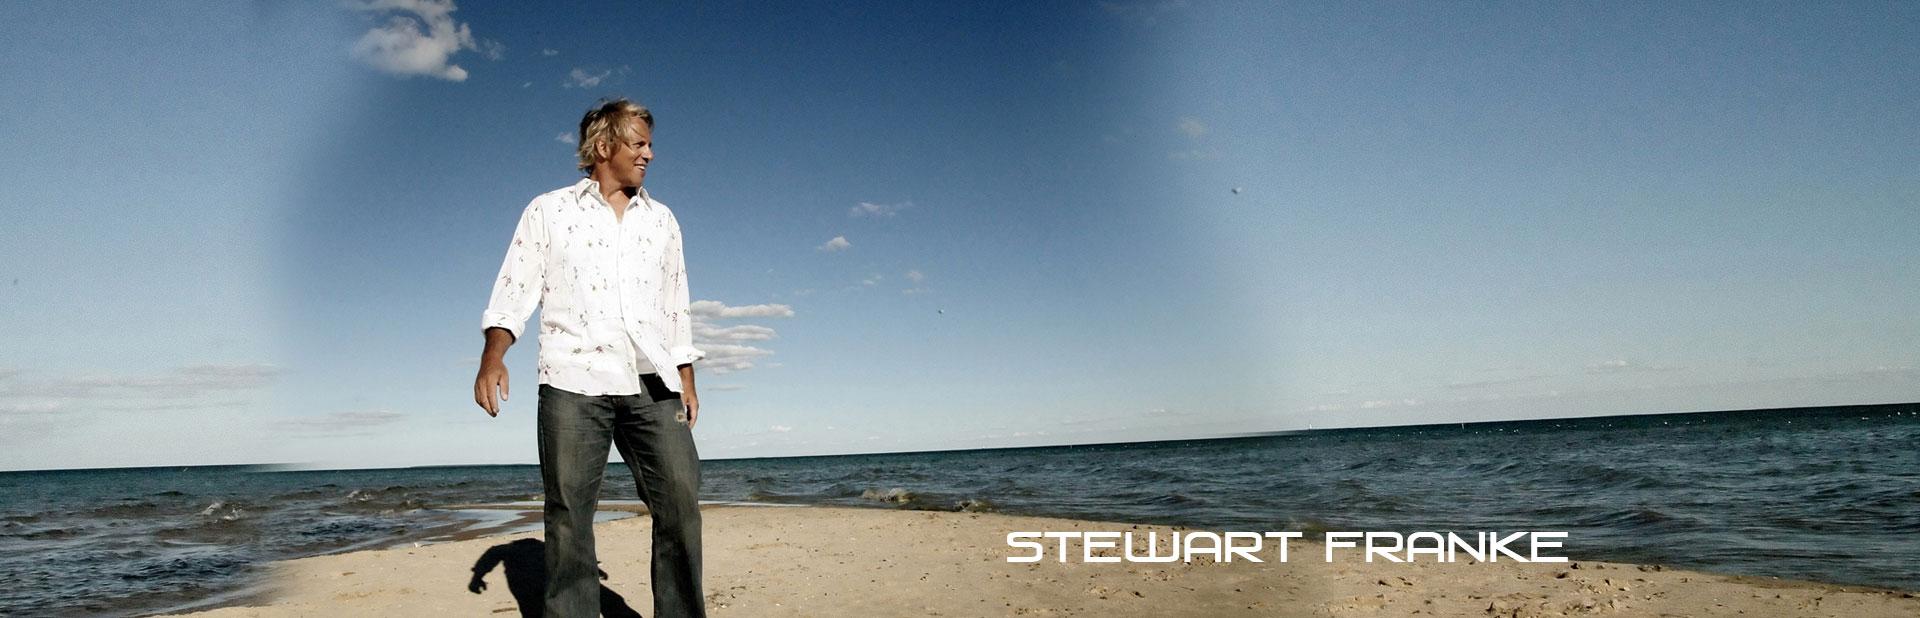 Stewart Franke